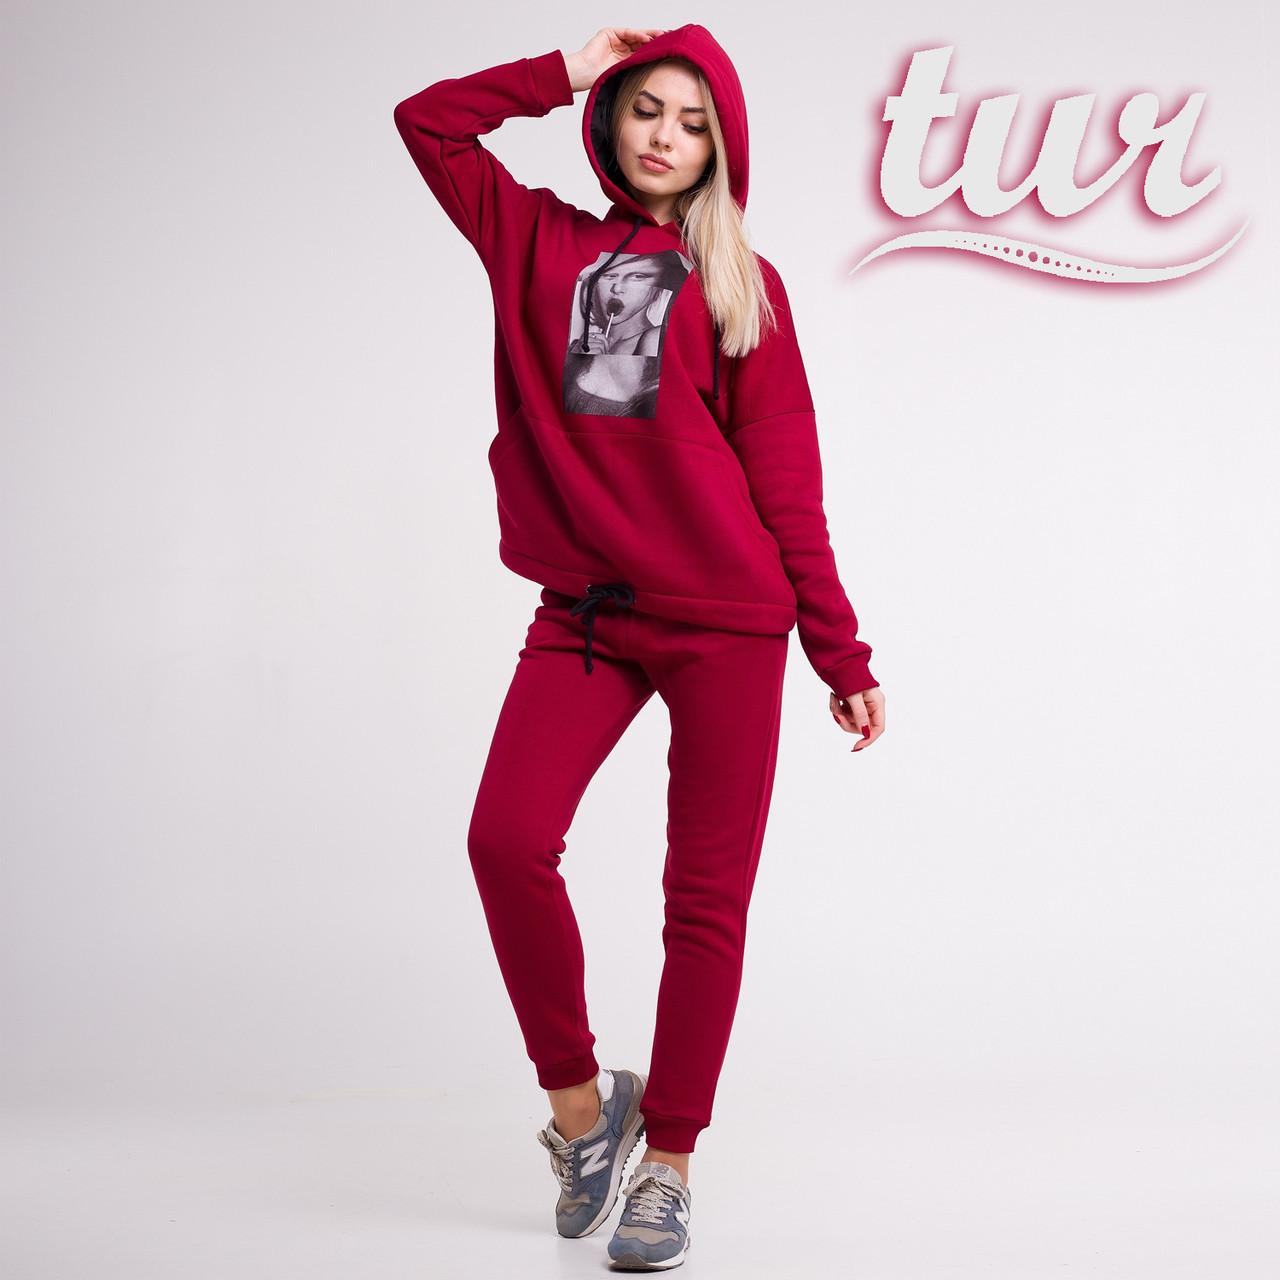 Зимовий спортивний костюм жіночий бордовий з принтом від бренду ТУР розмір S, M, фото 1